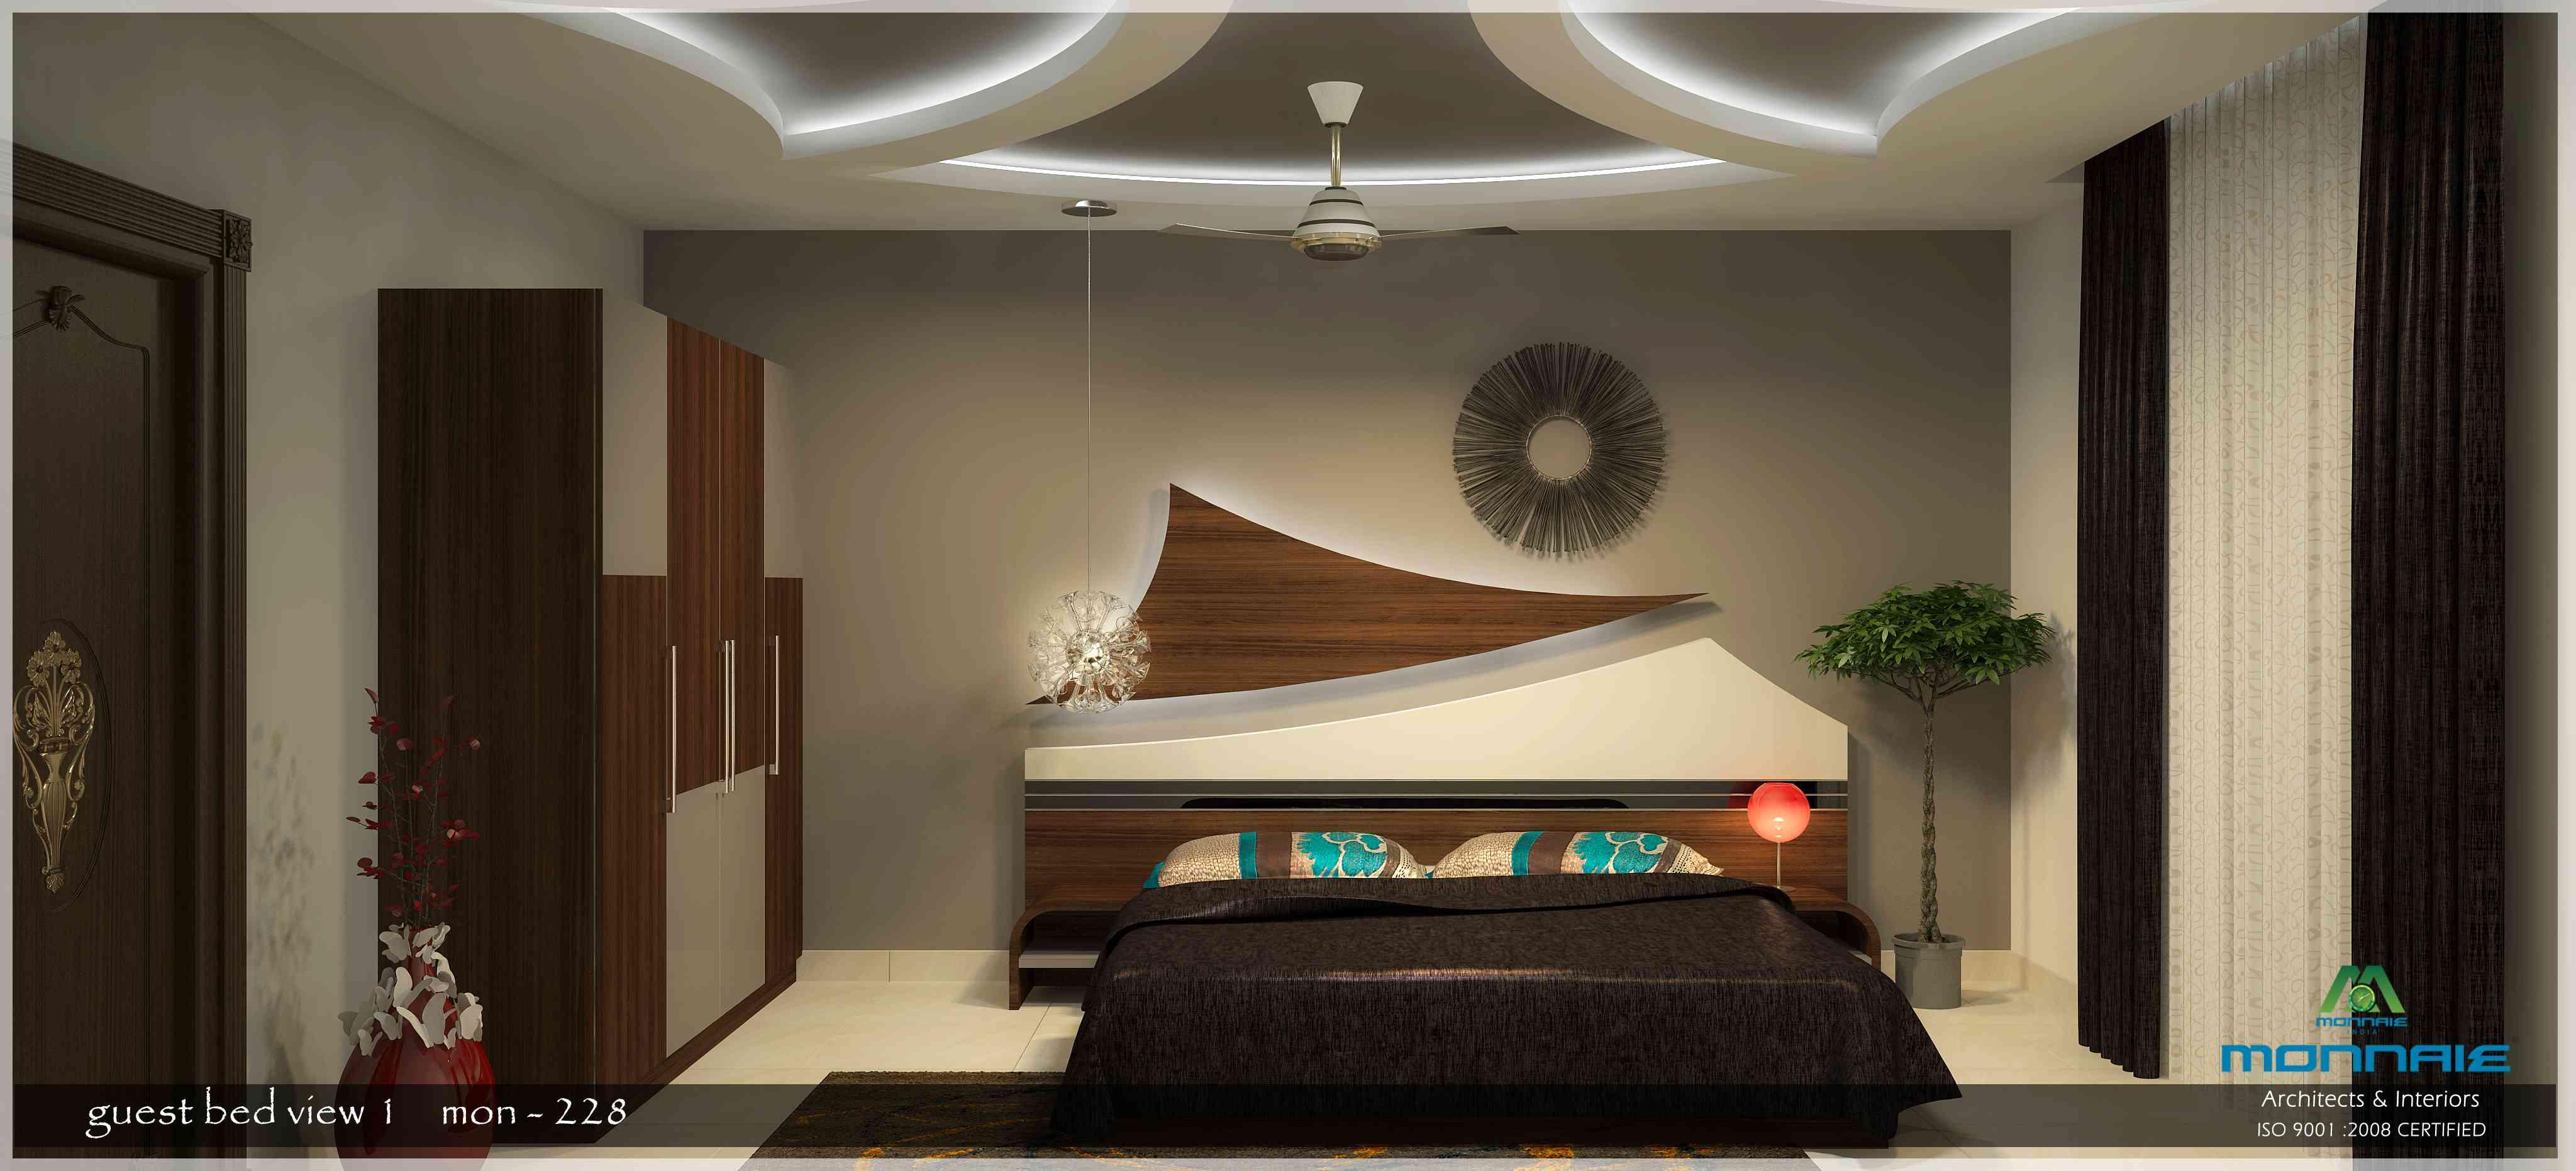 what outdoor interior furniture certified decorator home interiors designing designer aenzay is design in tools lahorepanies family